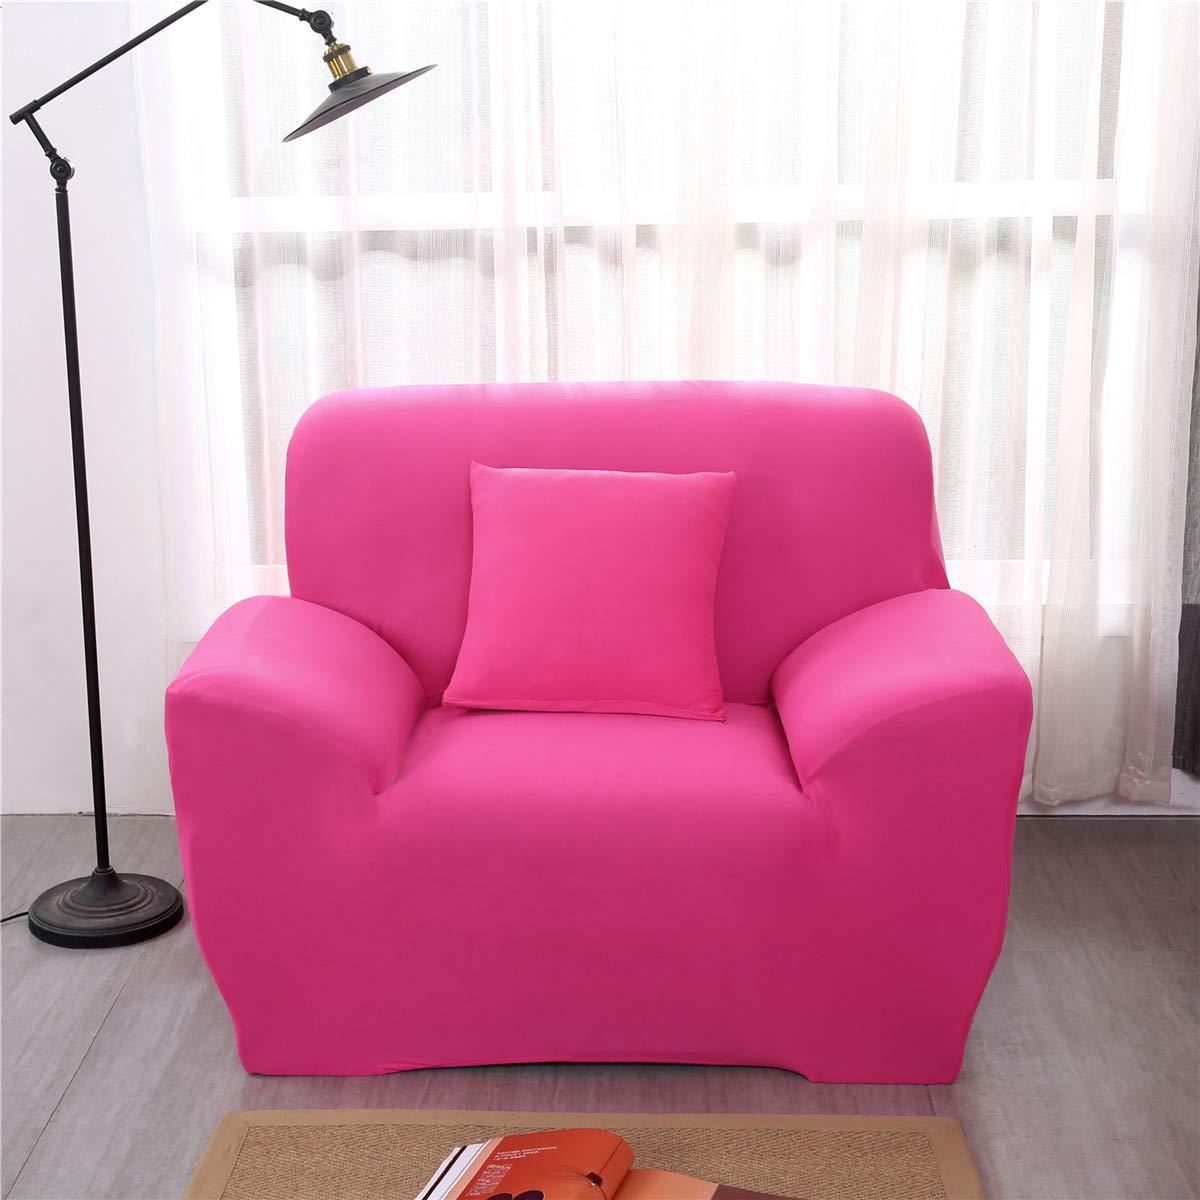 Funda Sofá de 1 2 3 4 plazas Universal Estiramiento, Morbuy Color Sólido Cubierta de Sofá Cubre Sofá Funda Furniture Protector Antideslizante Elastic ...